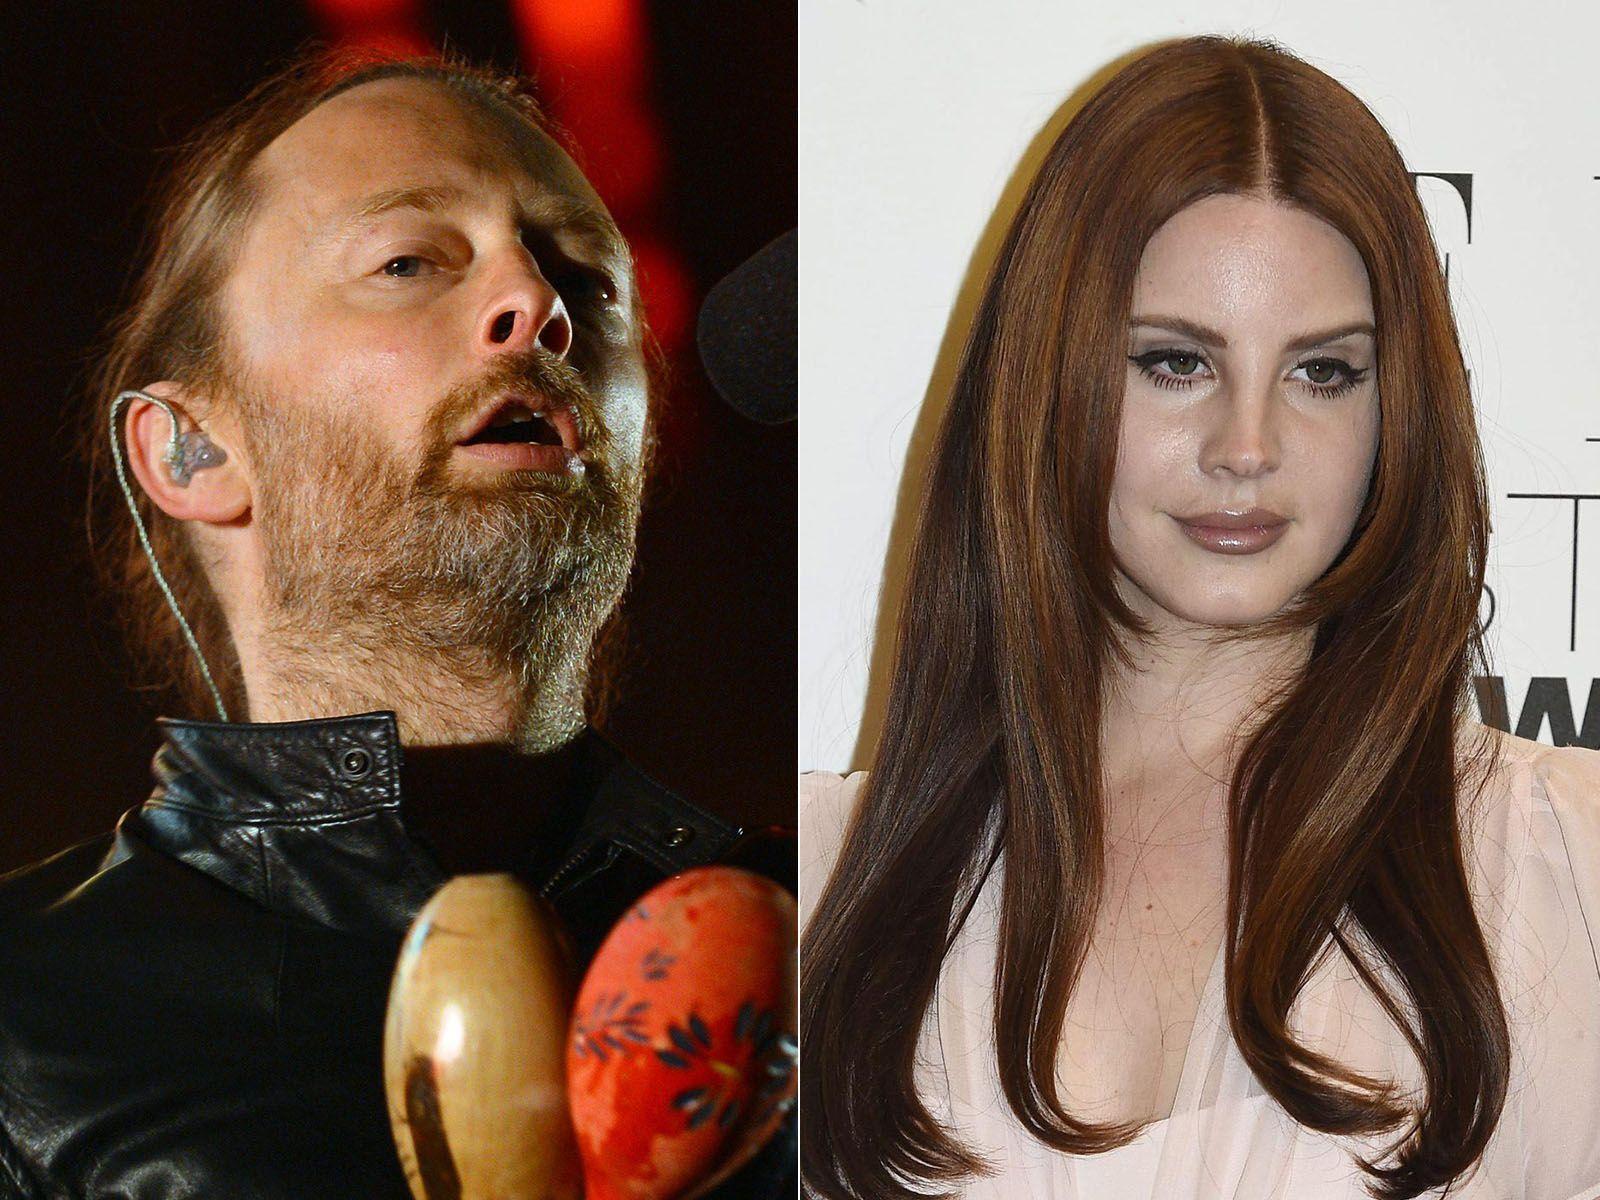 Radiohead e Lana Del Rey in tribunale per un presunto plagio di Creep